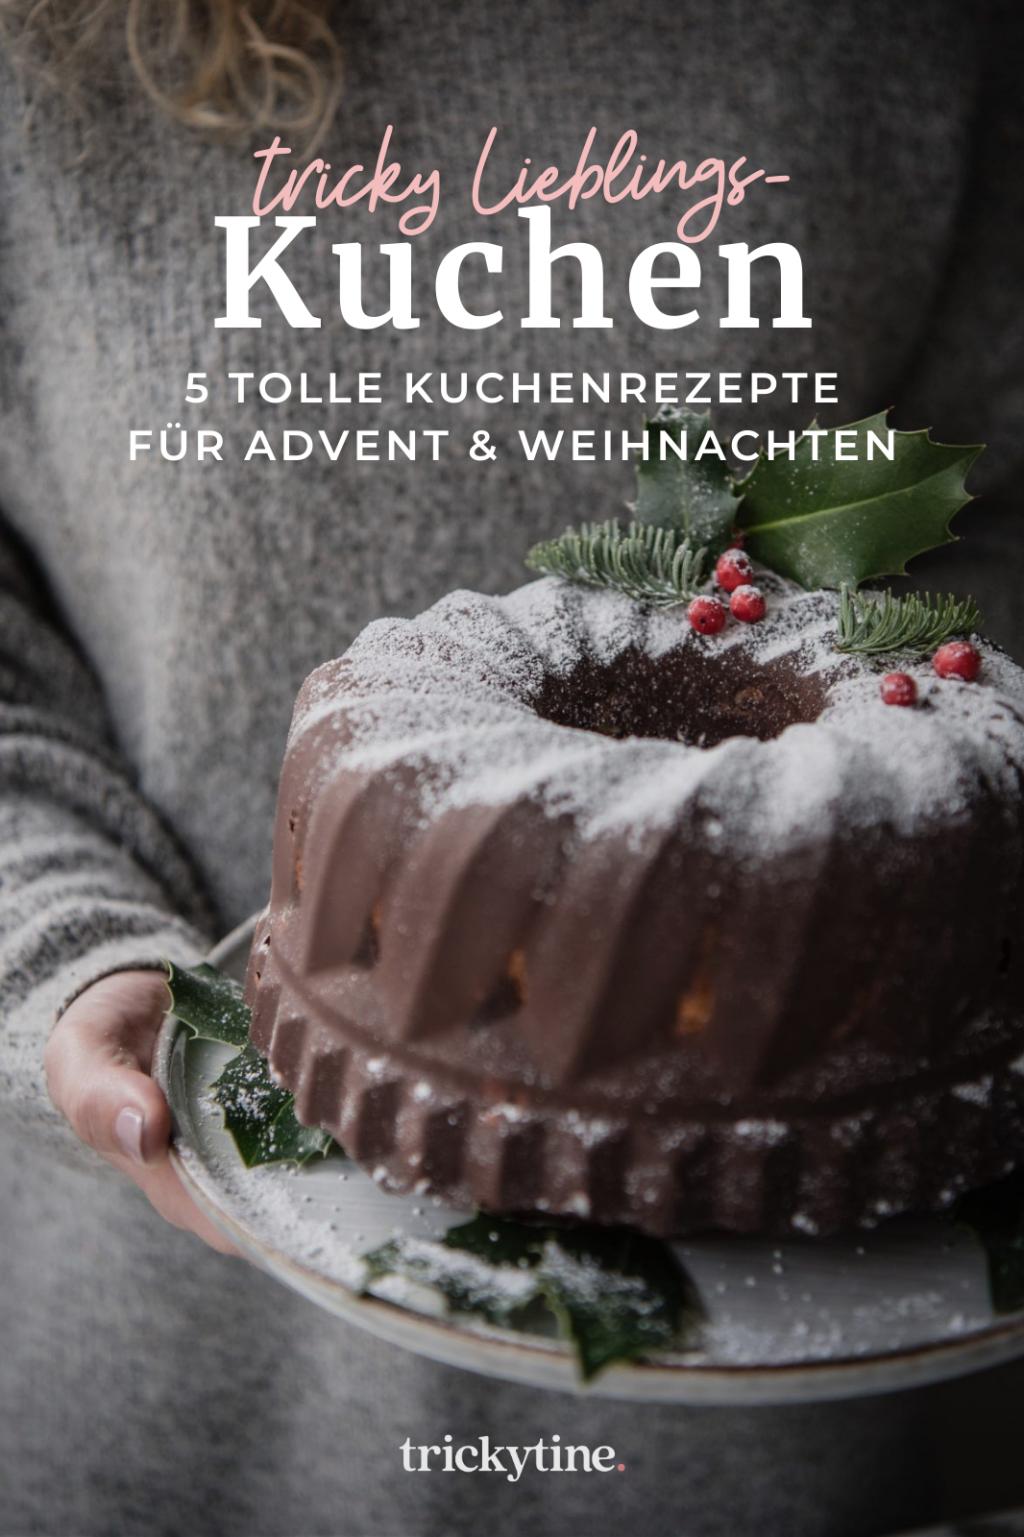 5 Lieblings Kuchenrezepte Advent und Weihnachten trickytine